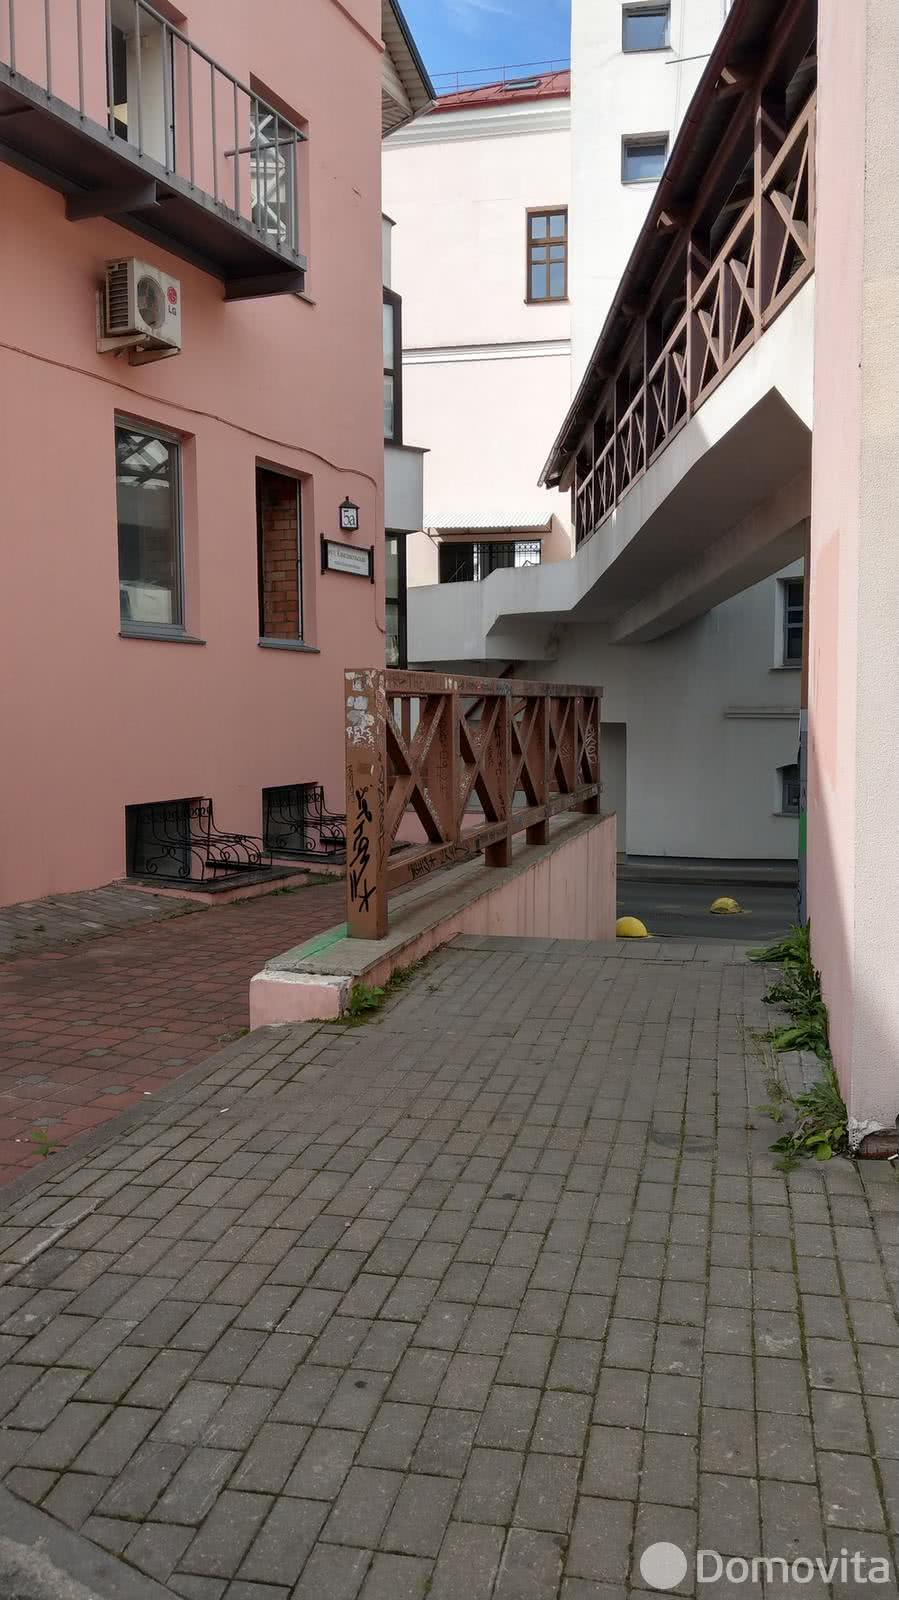 Снять склад на ул. Немига, д. 3А/1 в Минске - фото 4